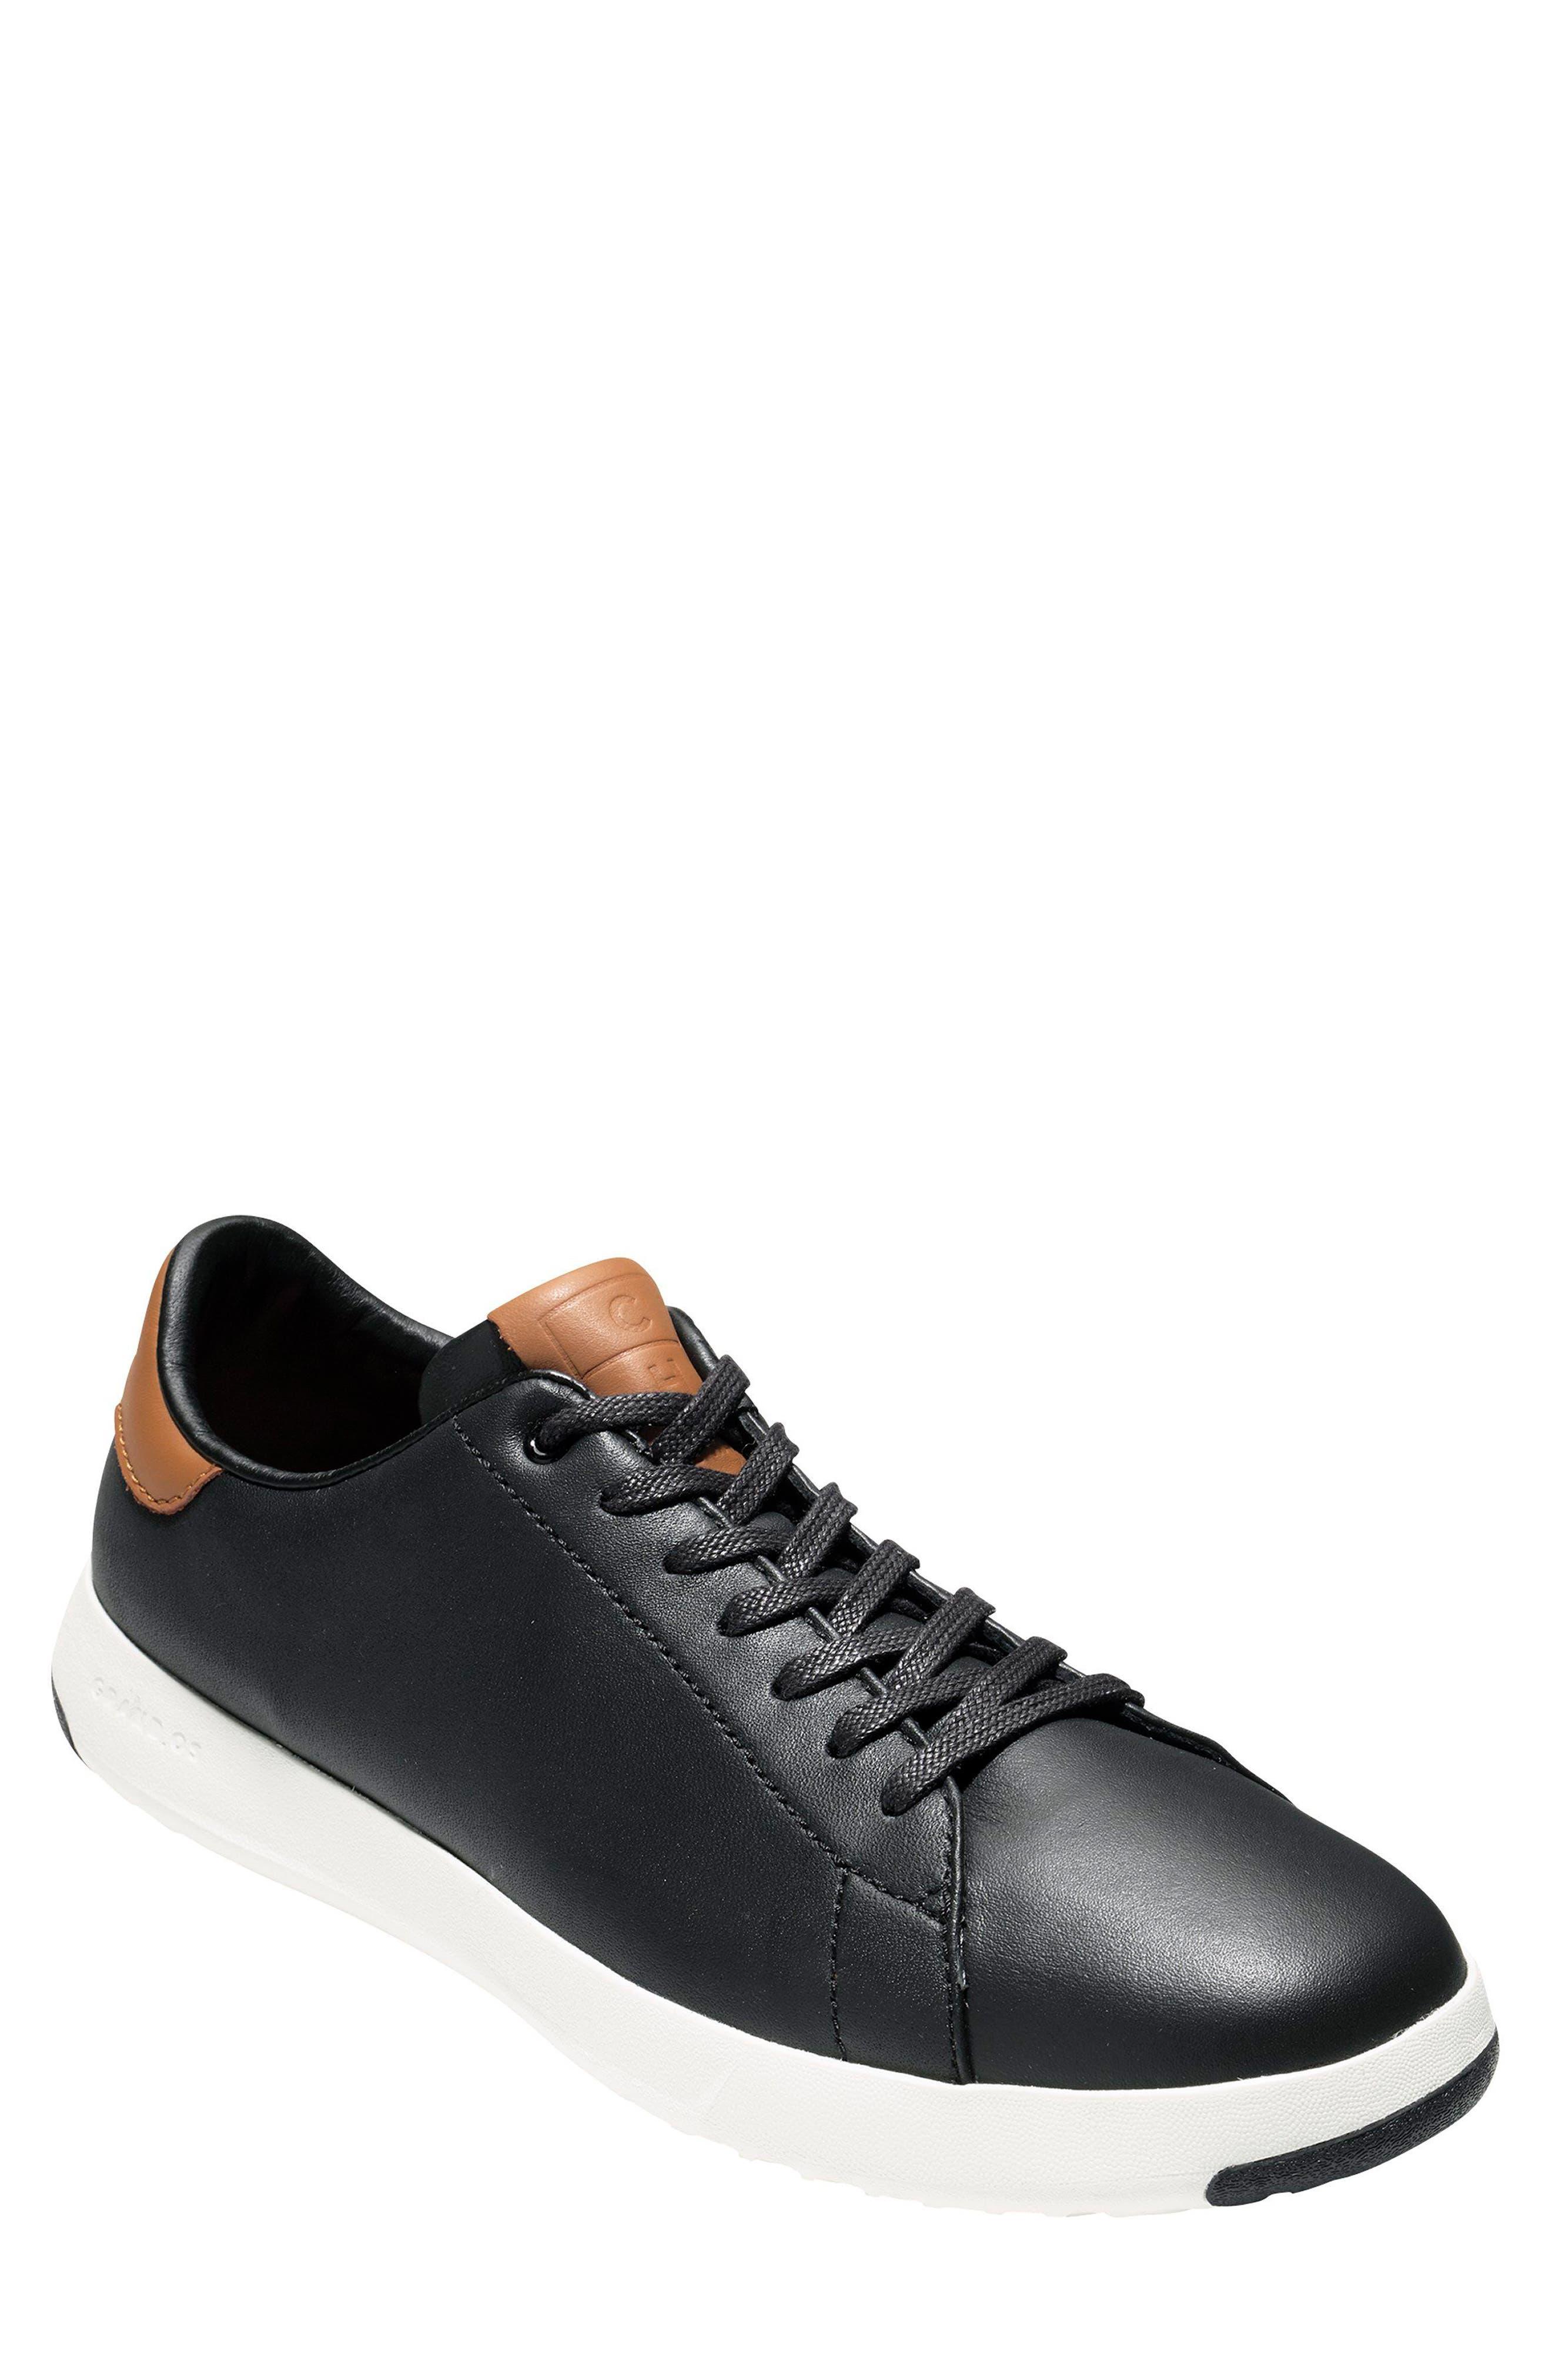 Cole Haan Grandpro Tennis Sneaker, Black